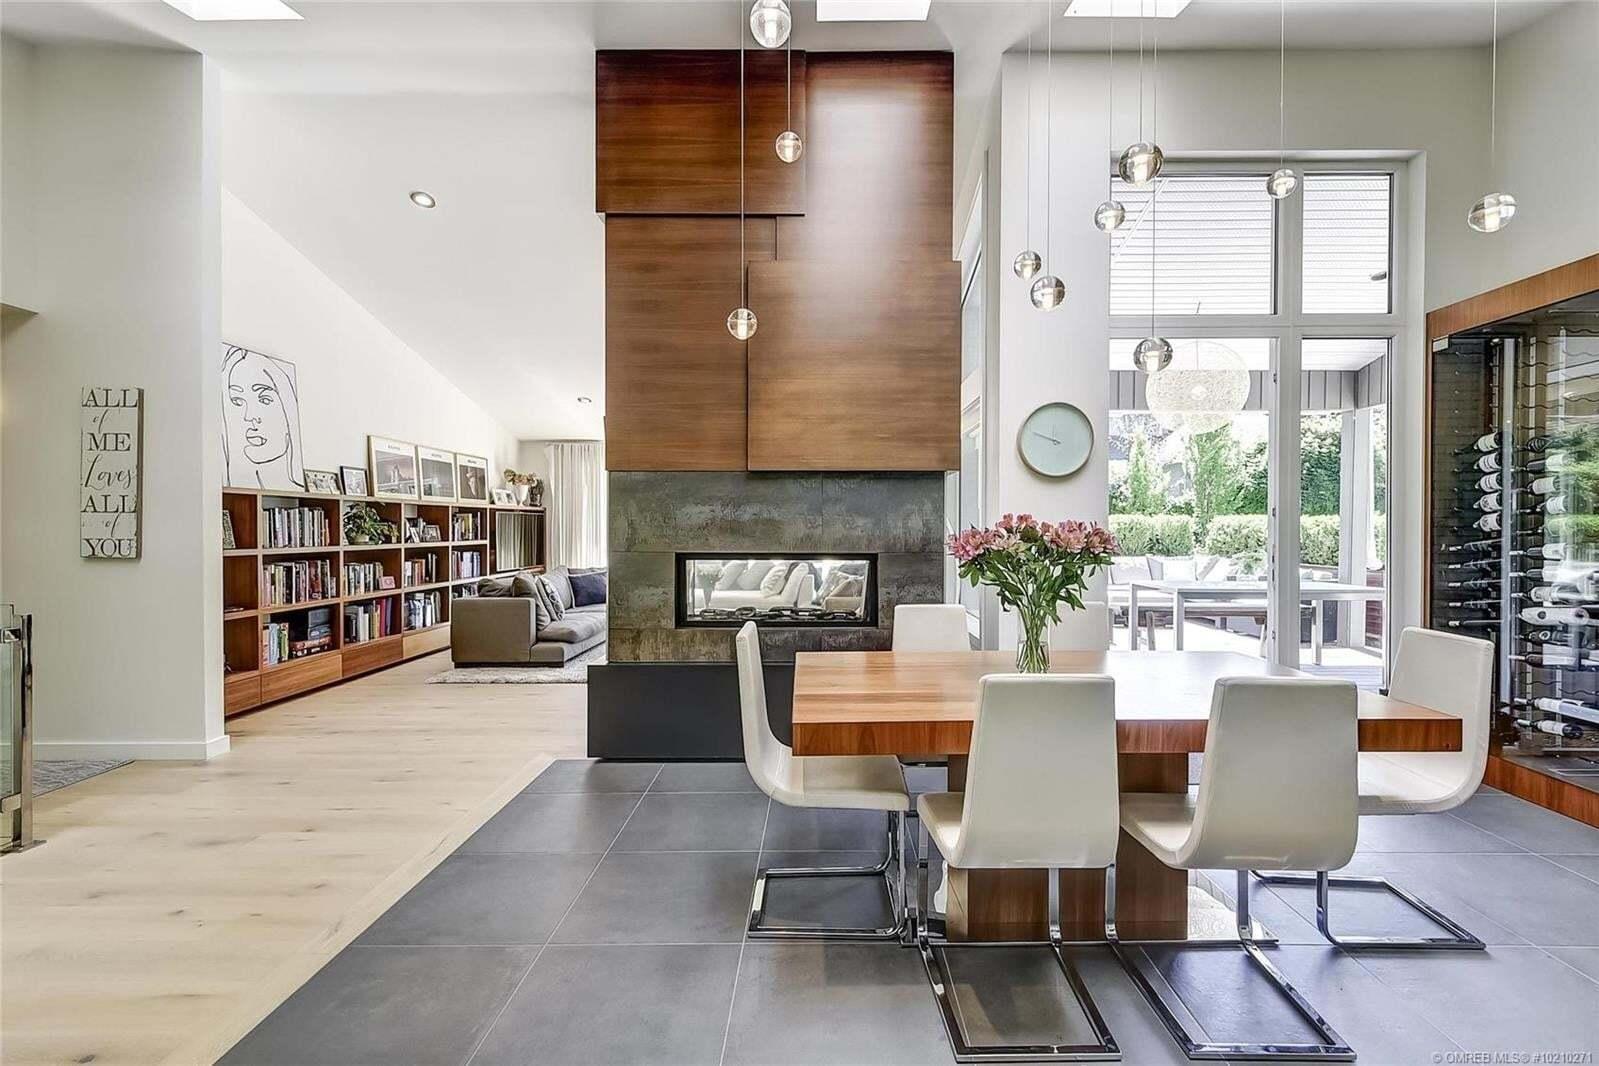 House for sale at 4920 Westridge Dr Kelowna, Bc British Columbia - MLS: 10210271